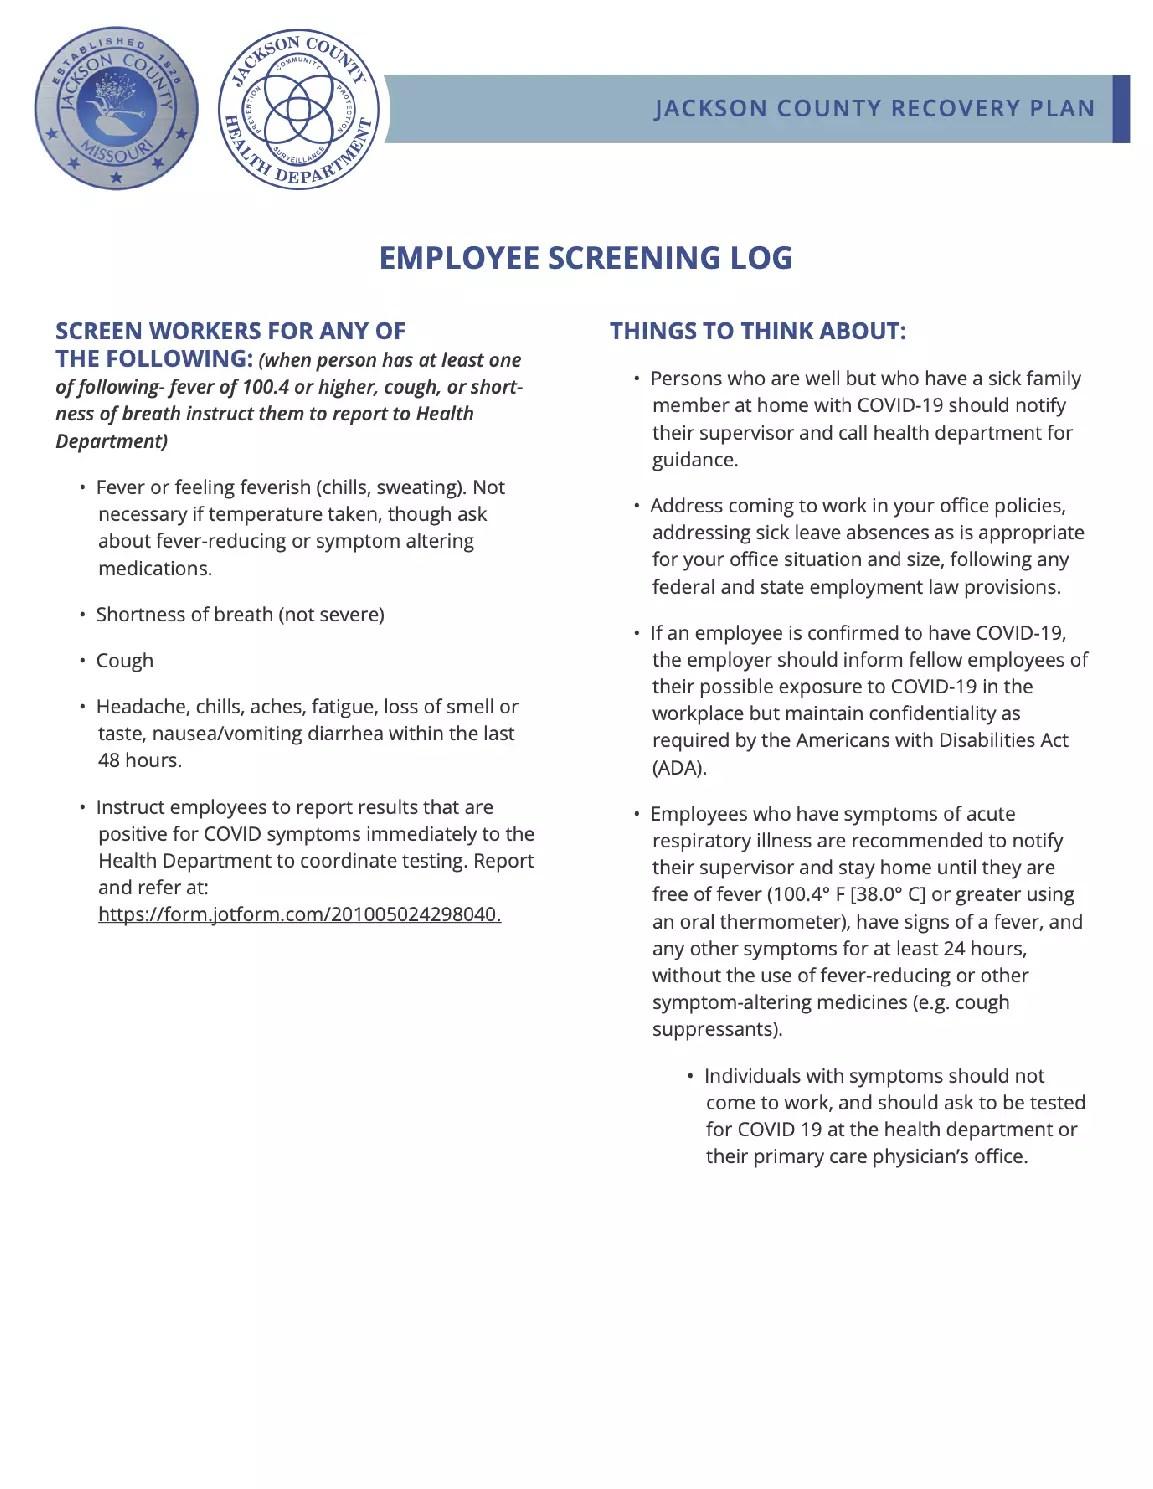 Employee Screening Log